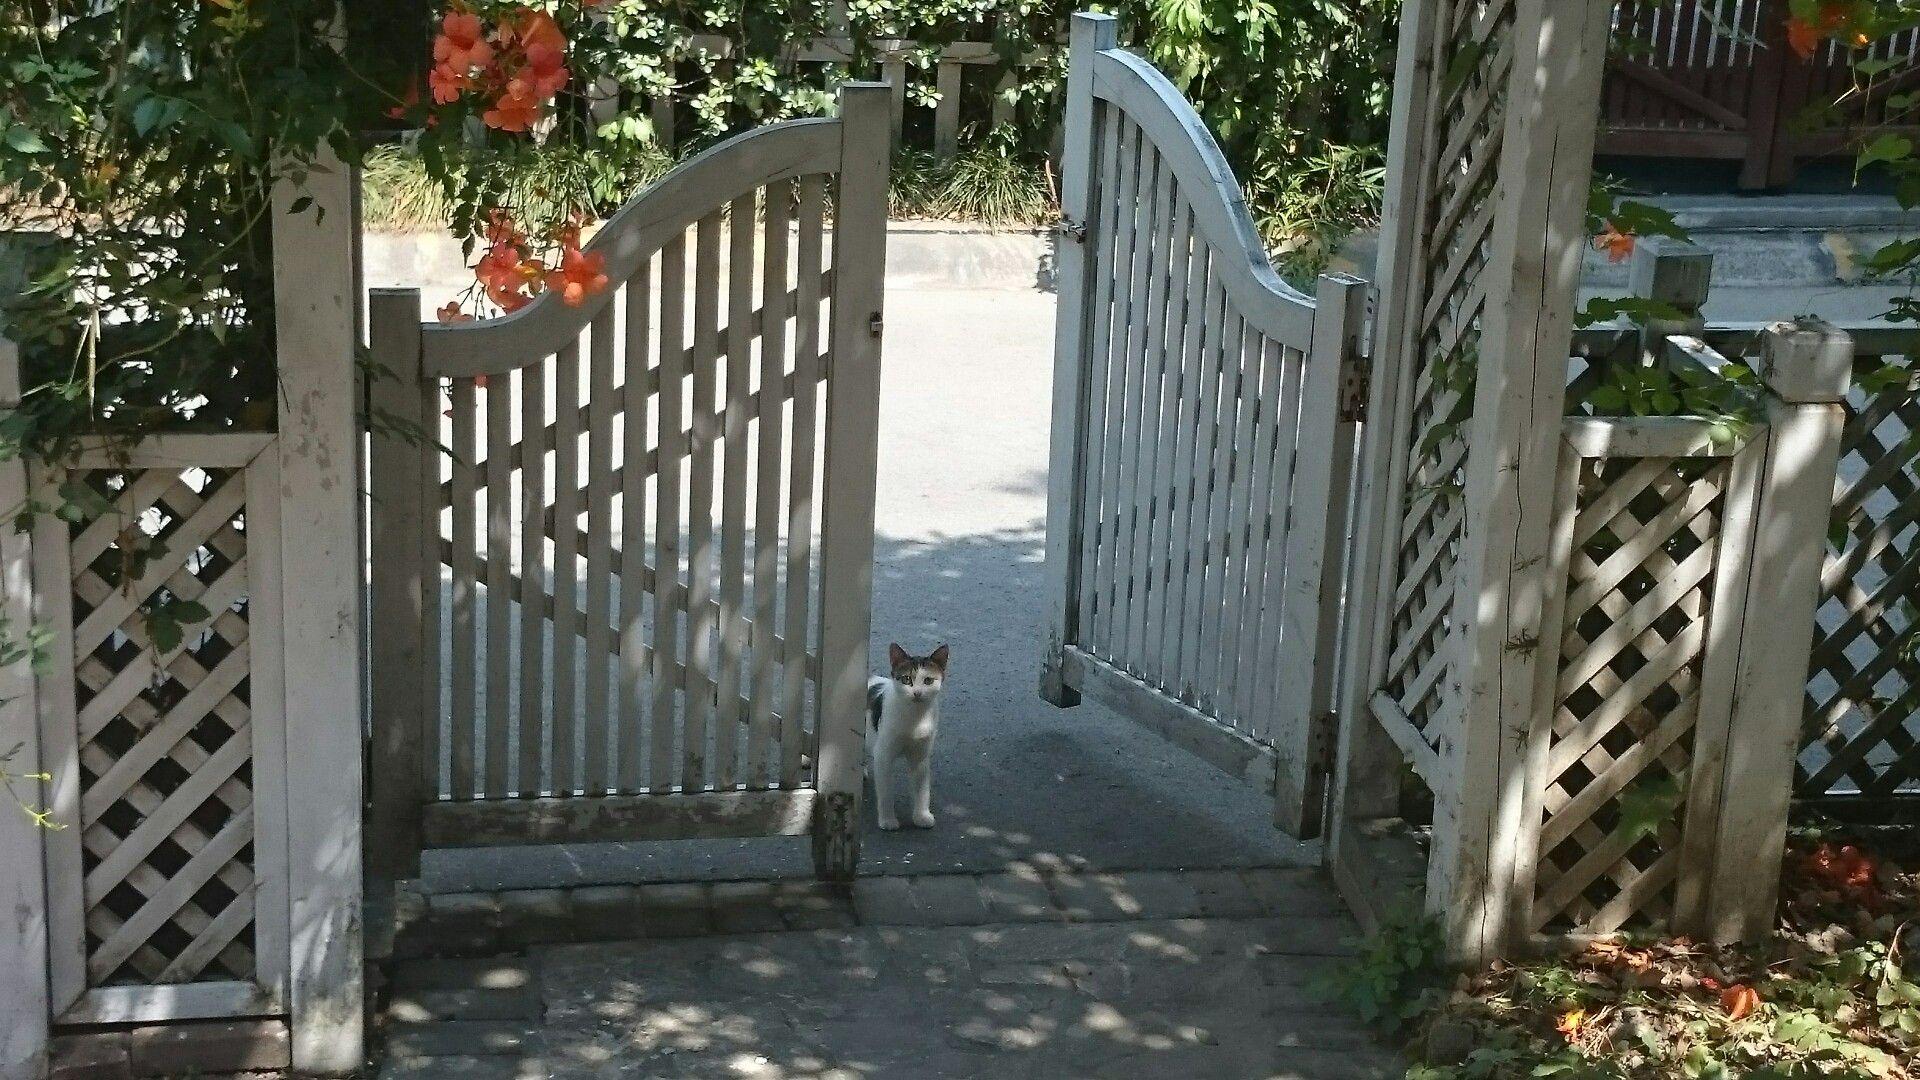 Bin heute morgen rausgegangen, nur um diese kleine Steunerkatze am Tor zu sehen. Love cats ❤